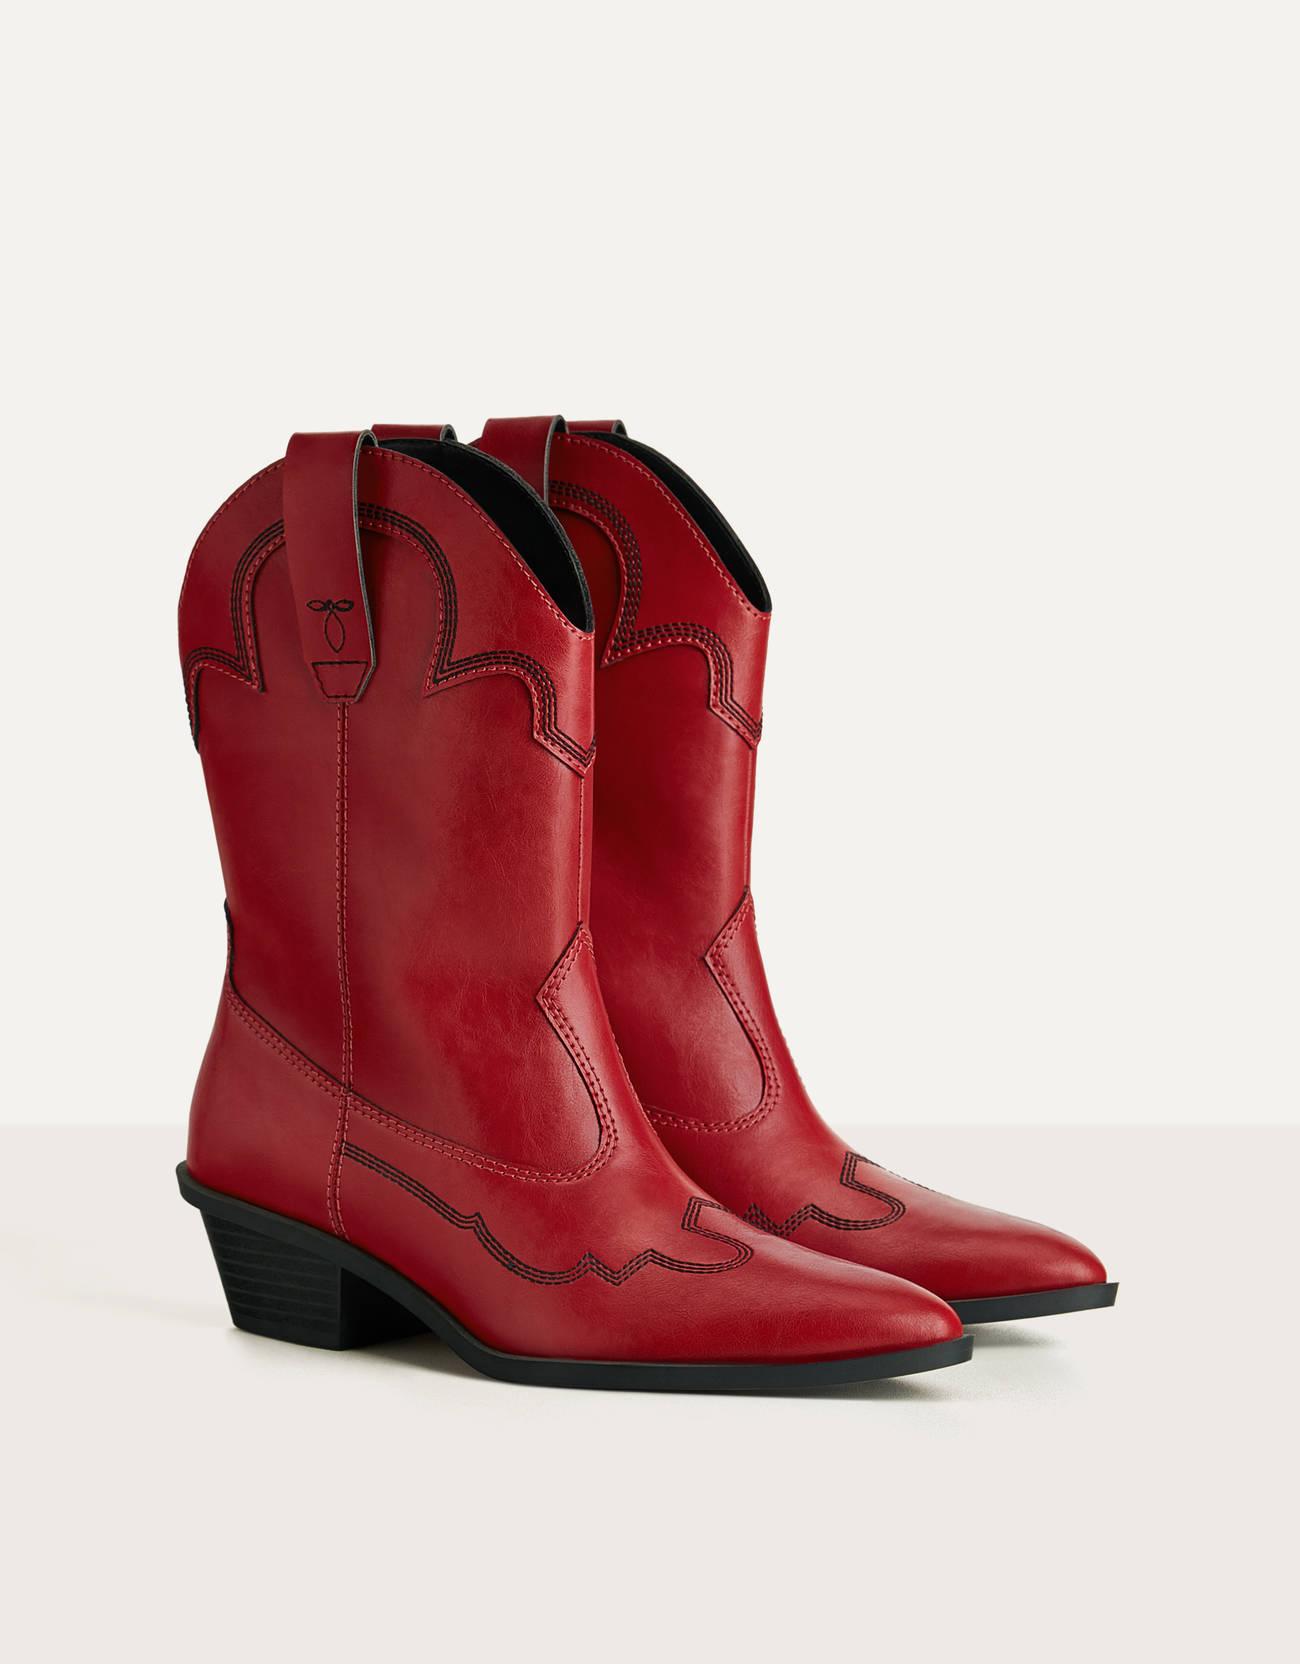 Botines rojos de estilo cowboy